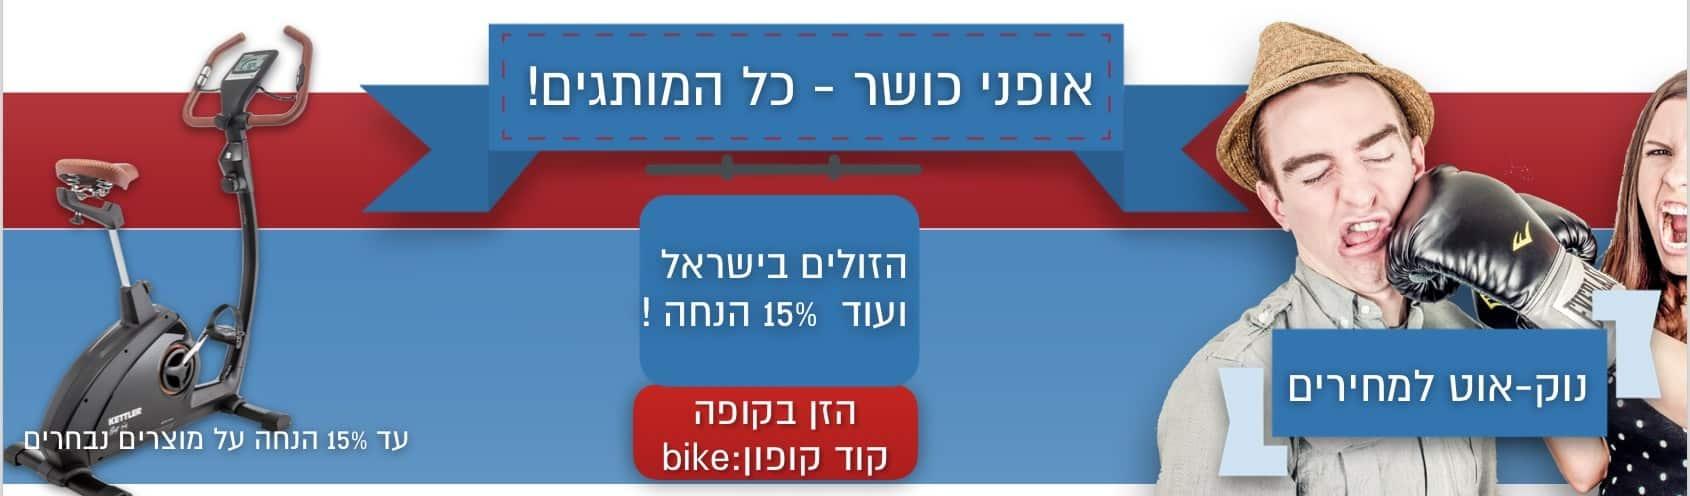 אופני כושר במבצע - בחנות יגל living Well!